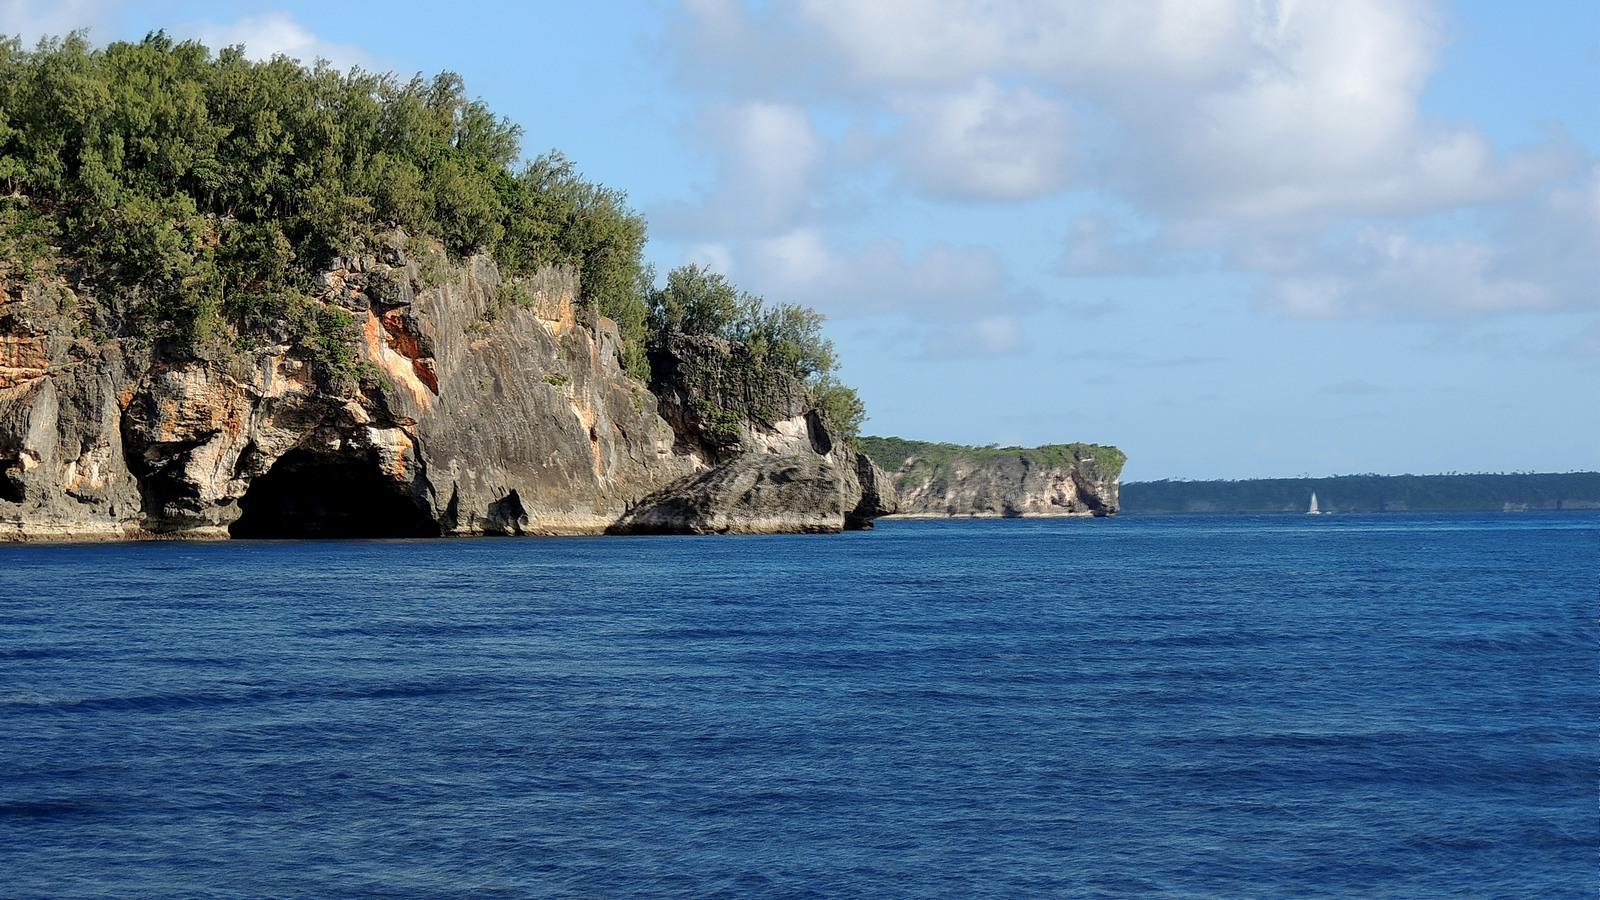 Tonga Vava'u